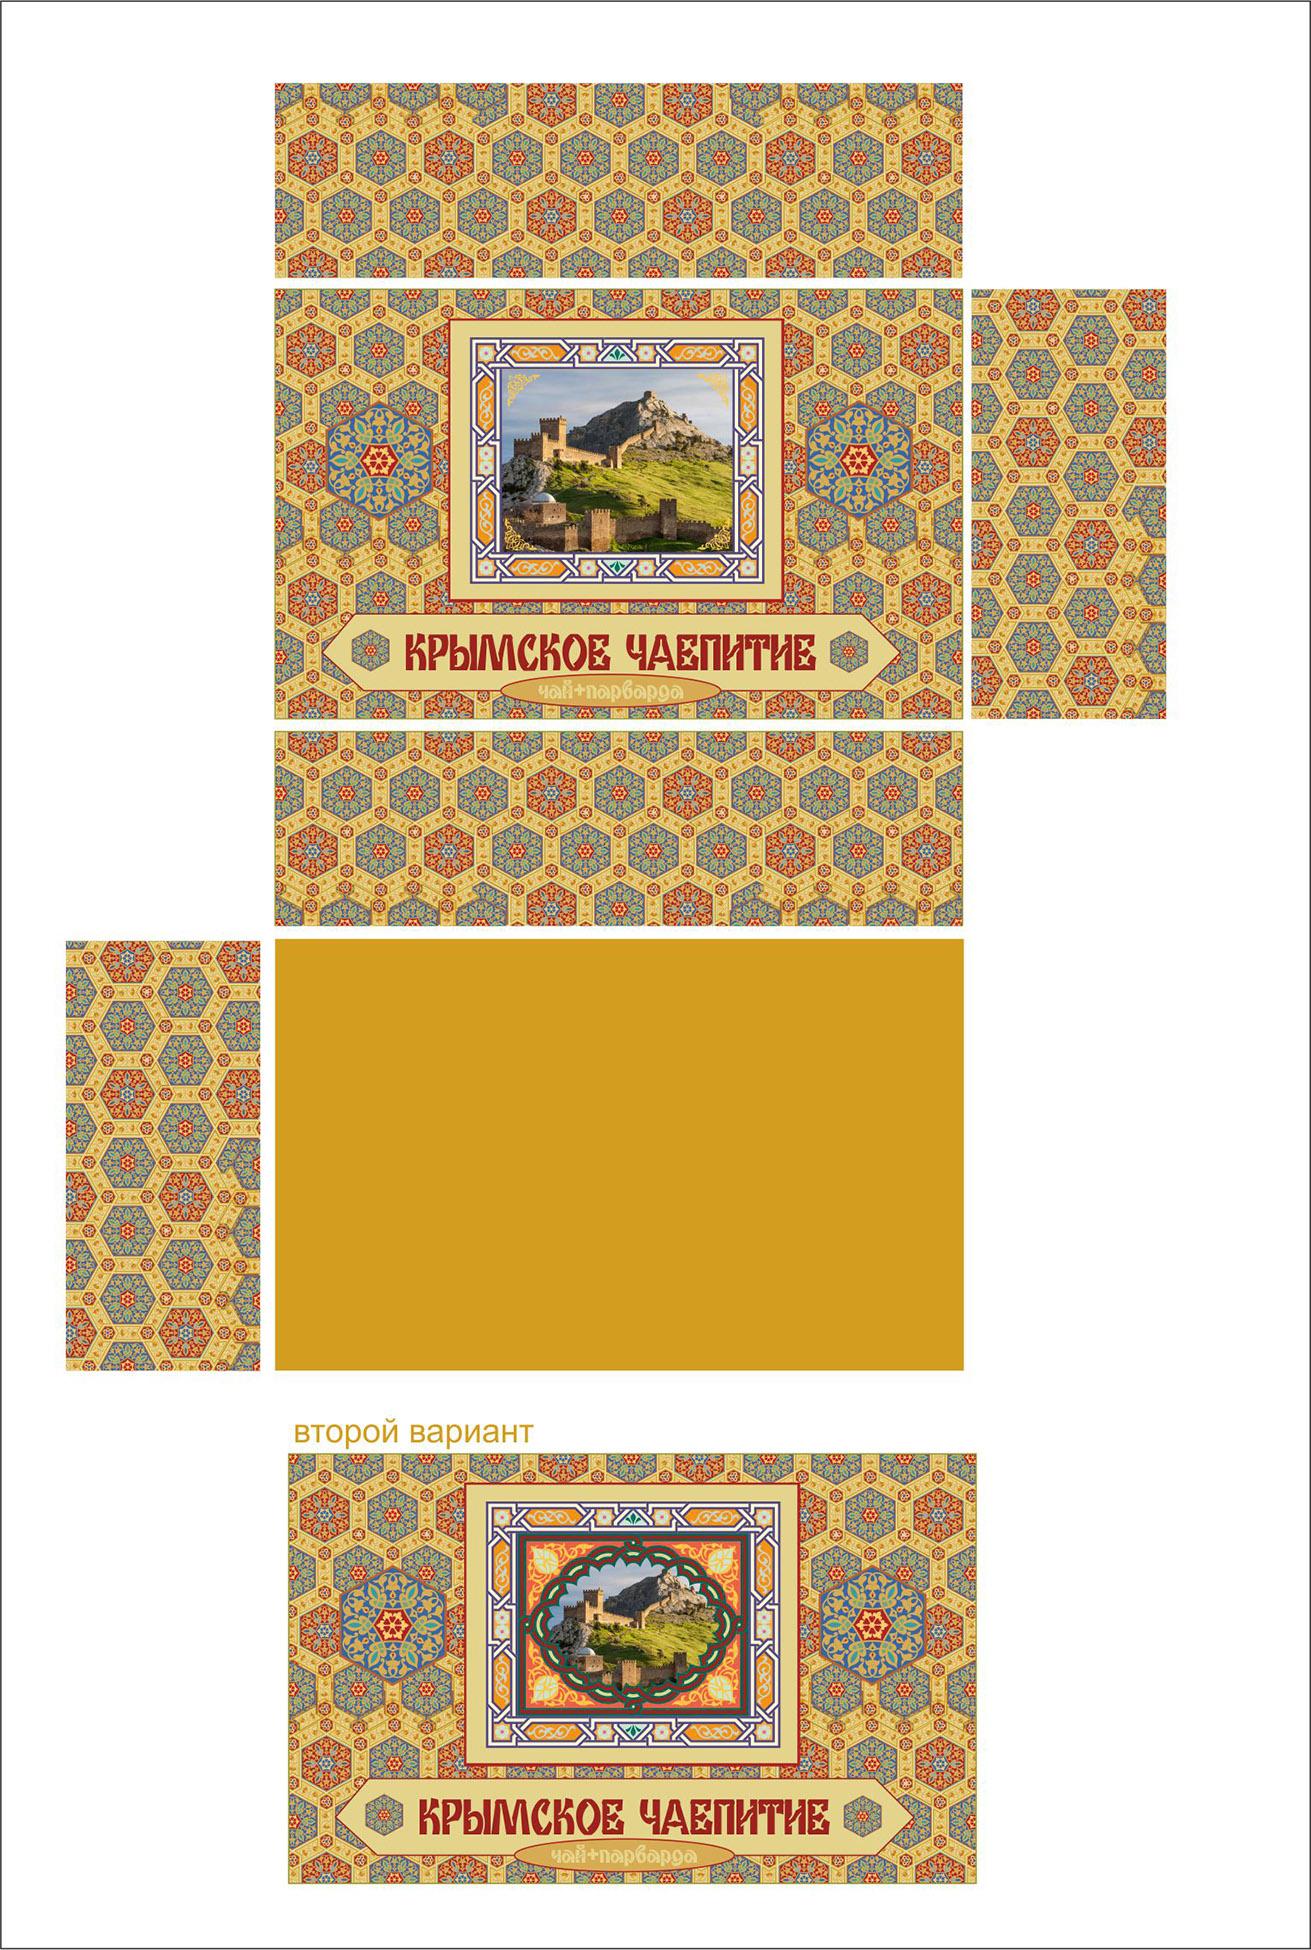 Дизайн коробки сувенирной  чай+парварда (подарочный набор) фото f_5525a4def8018238.jpg